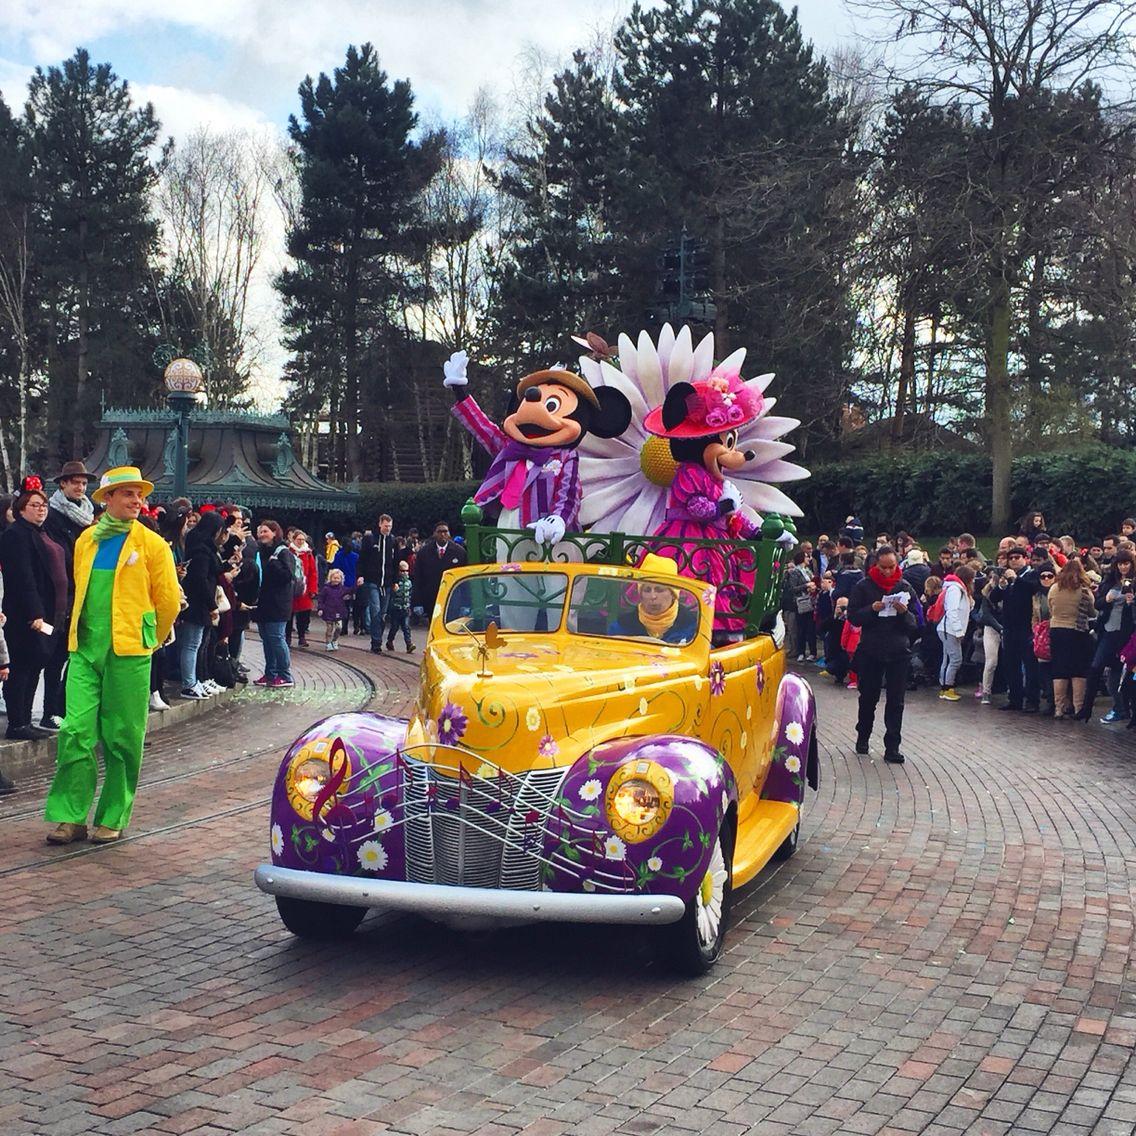 Goofy S Garden Party Youtube Com Brogantatexo Disneyland Paris